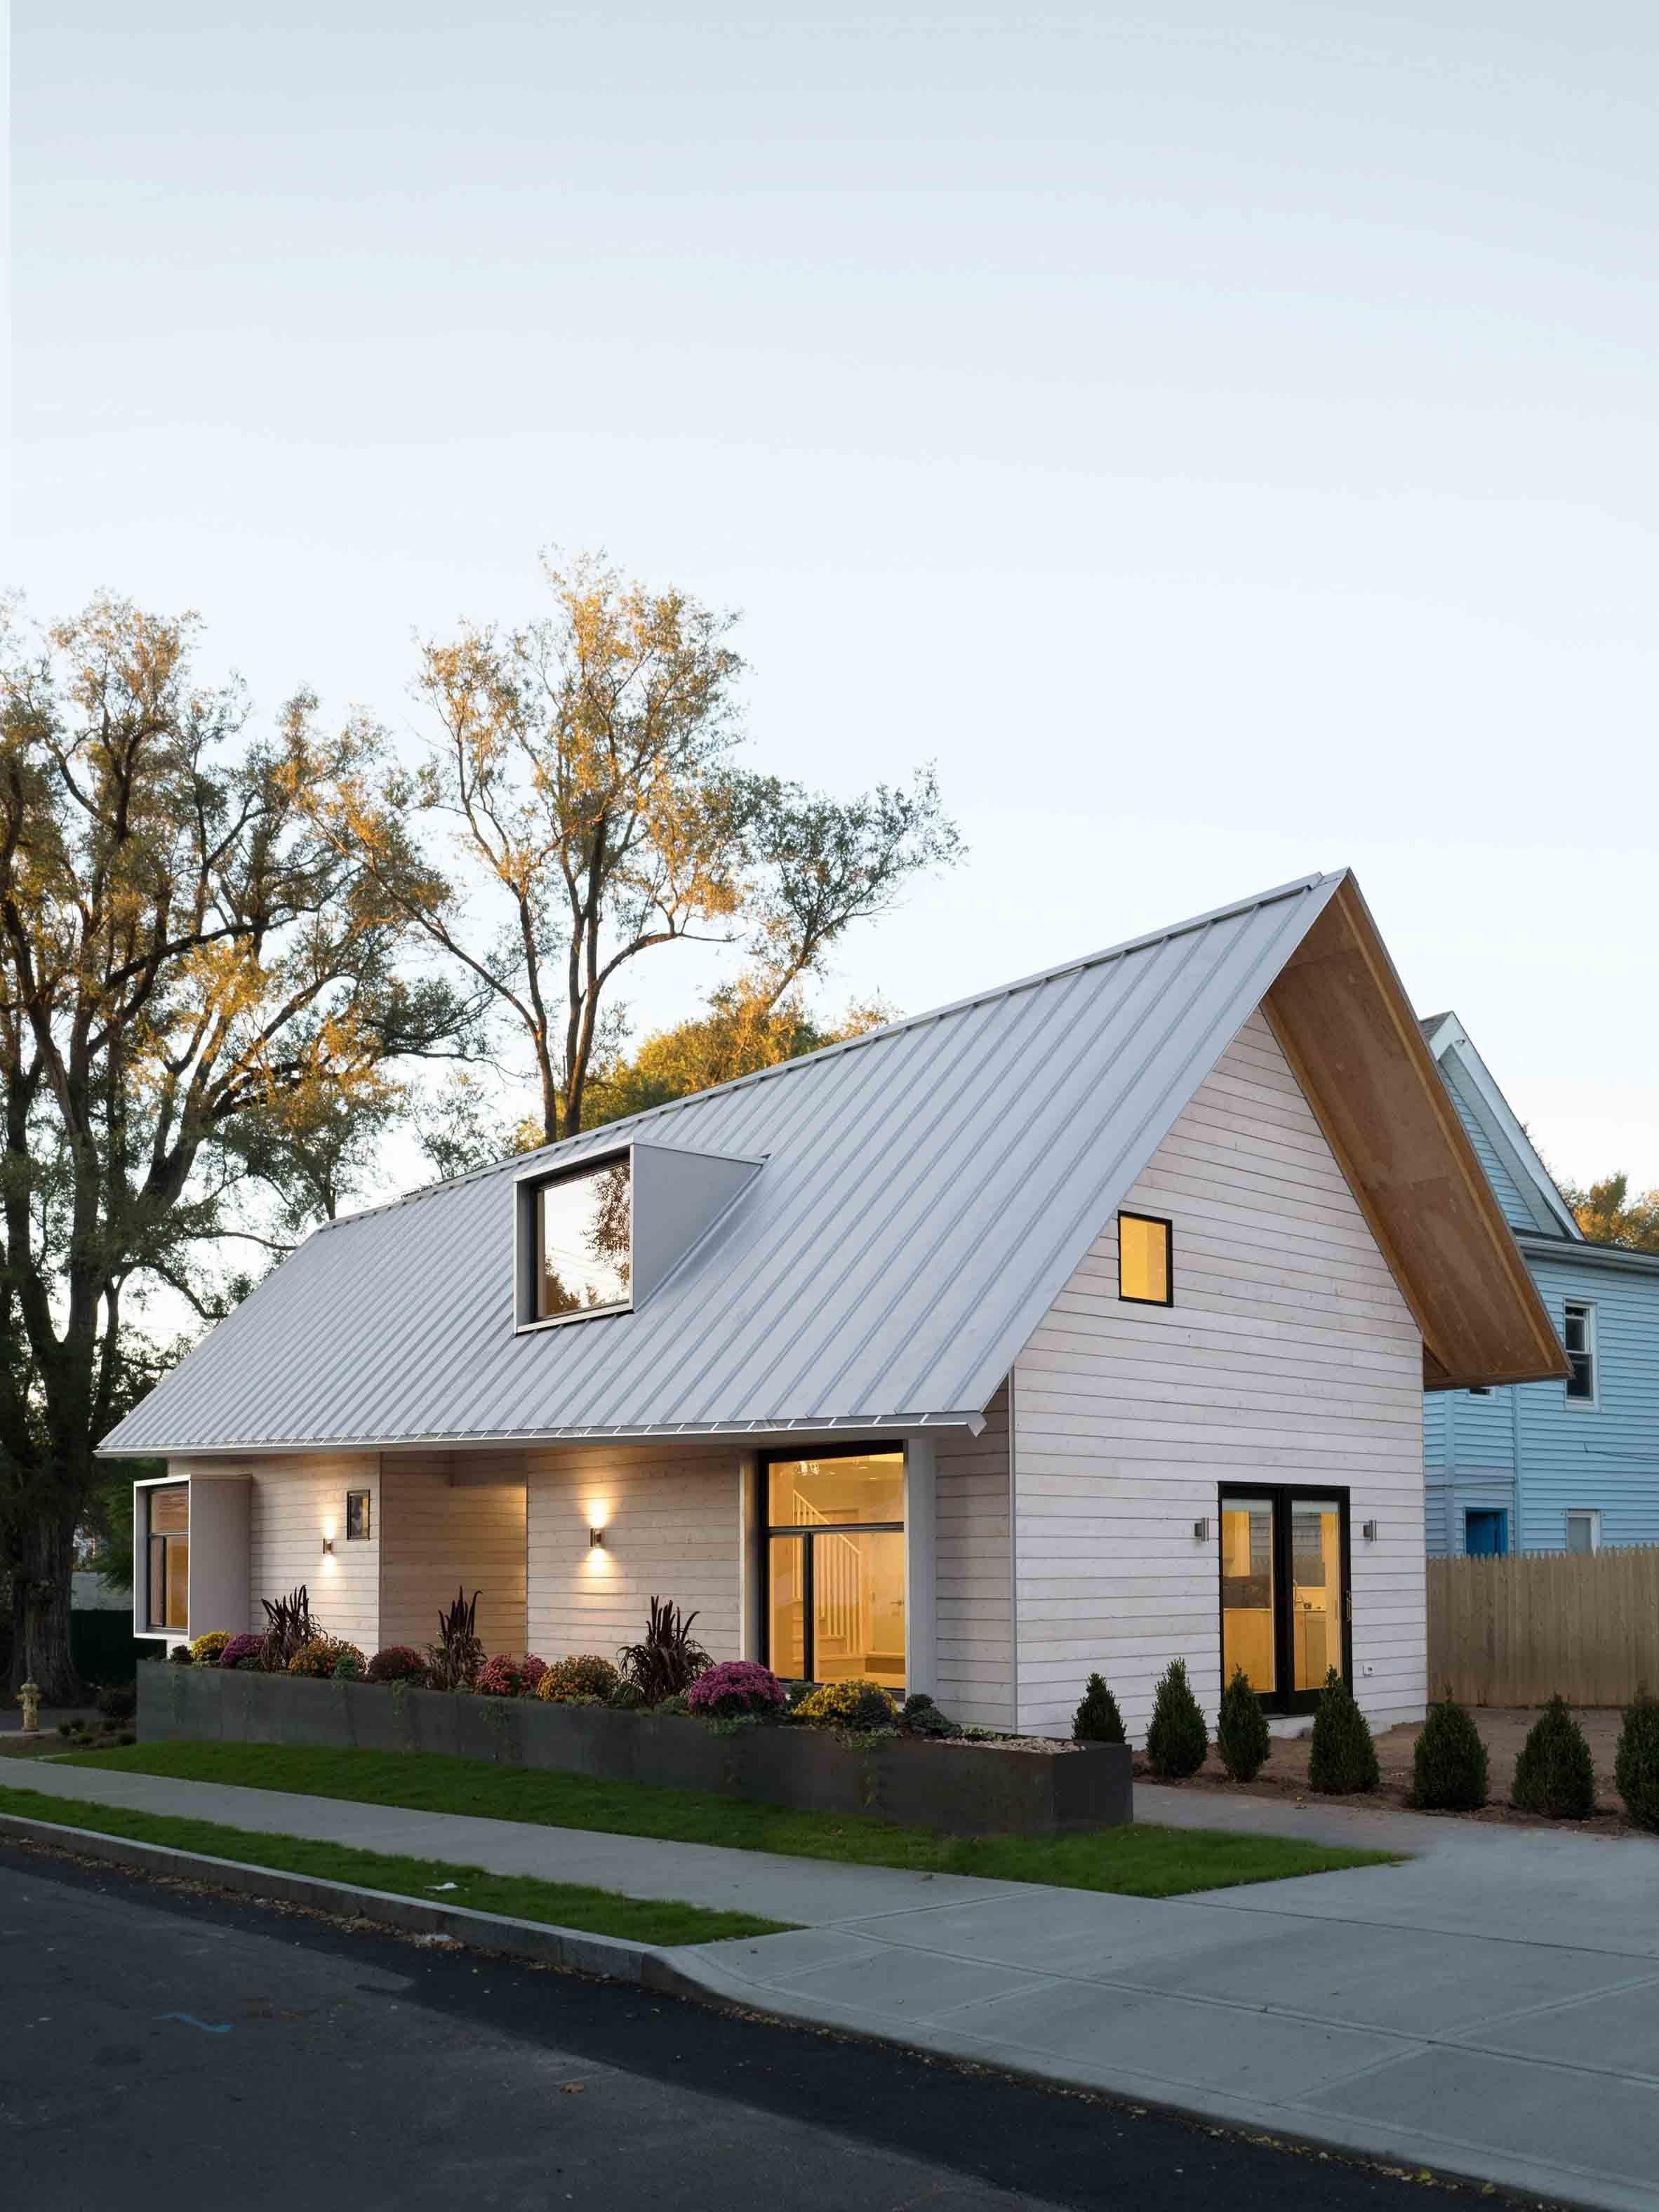 Studenti oboru architektury z Yale University vytvořili v New Haven v Connecticutu budovu využívající prefabrikovaných konstrukčních prvků, která má sloužit lidem bez domova.